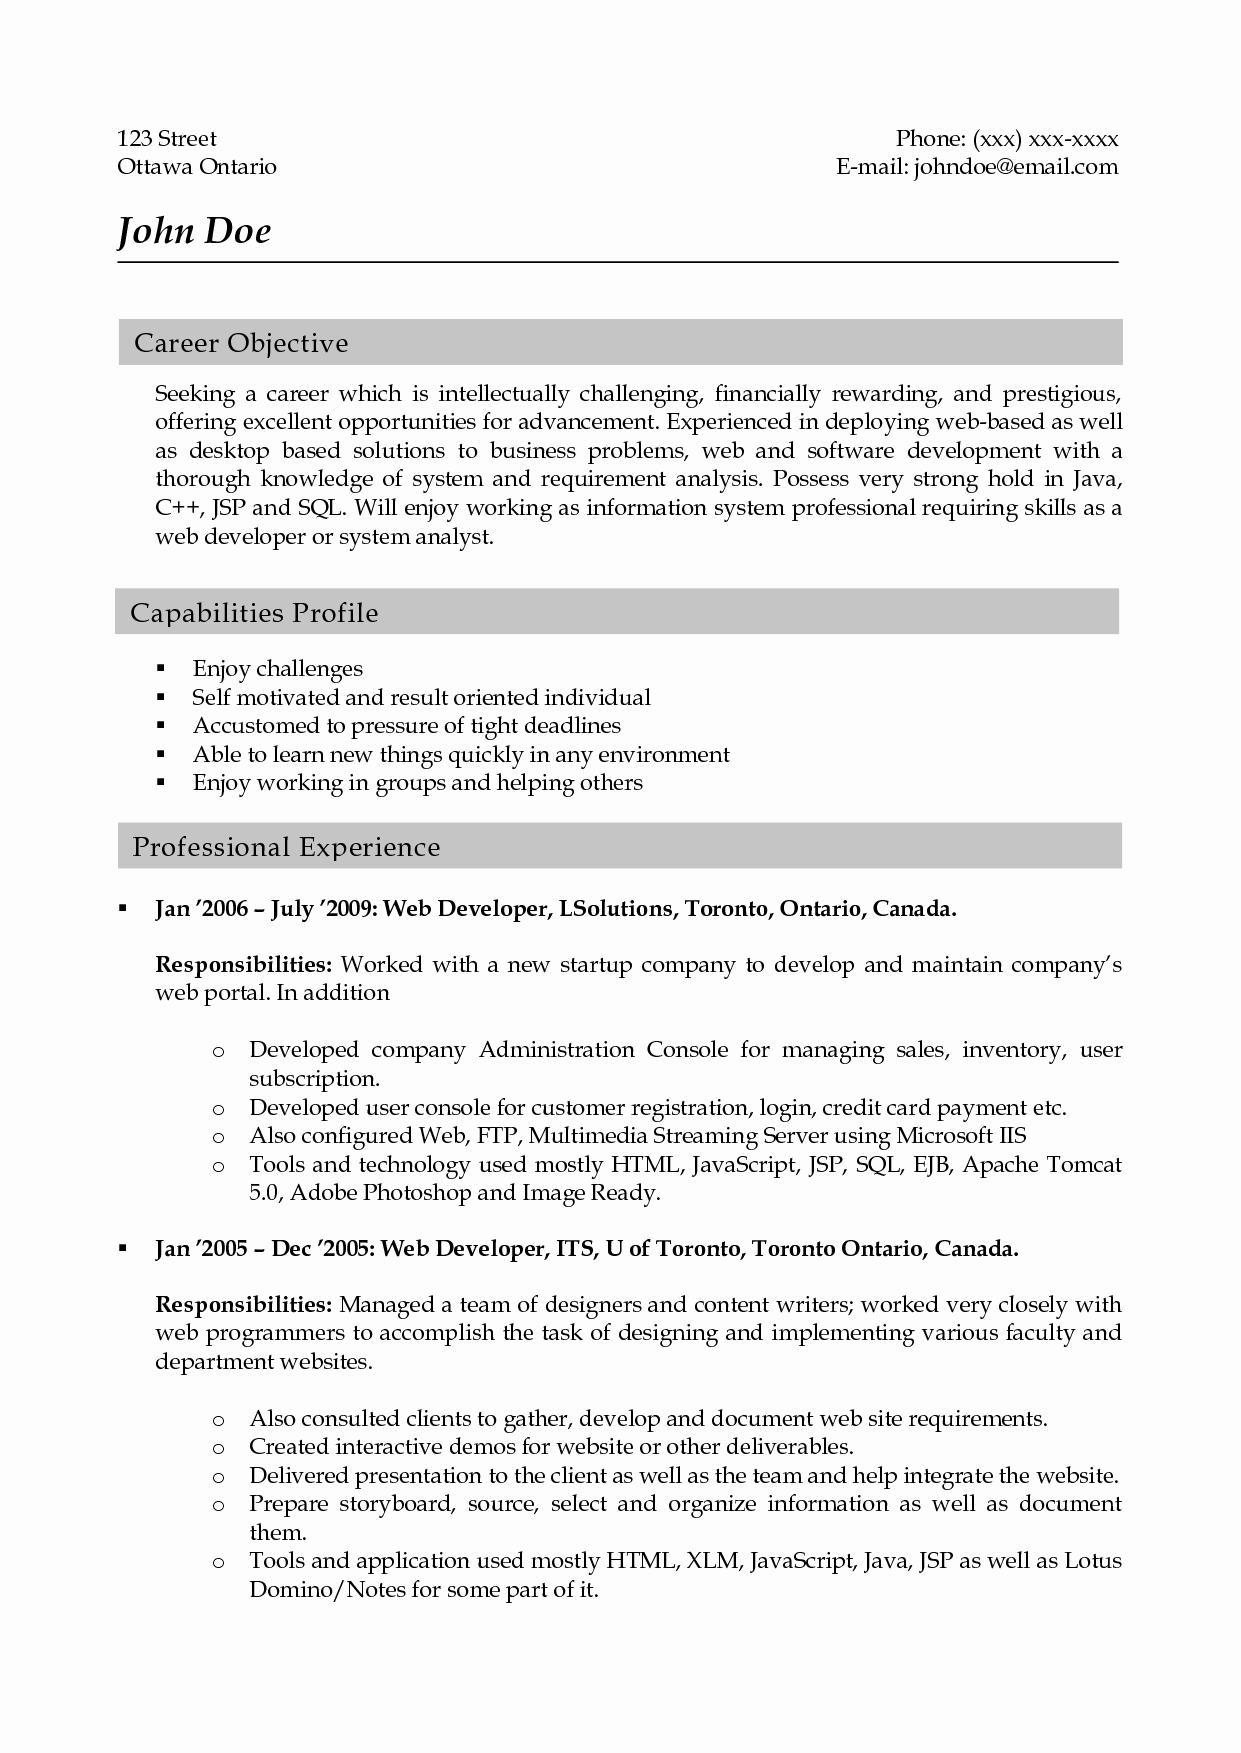 Experience Resume Sample for Web Developer Bongdaao